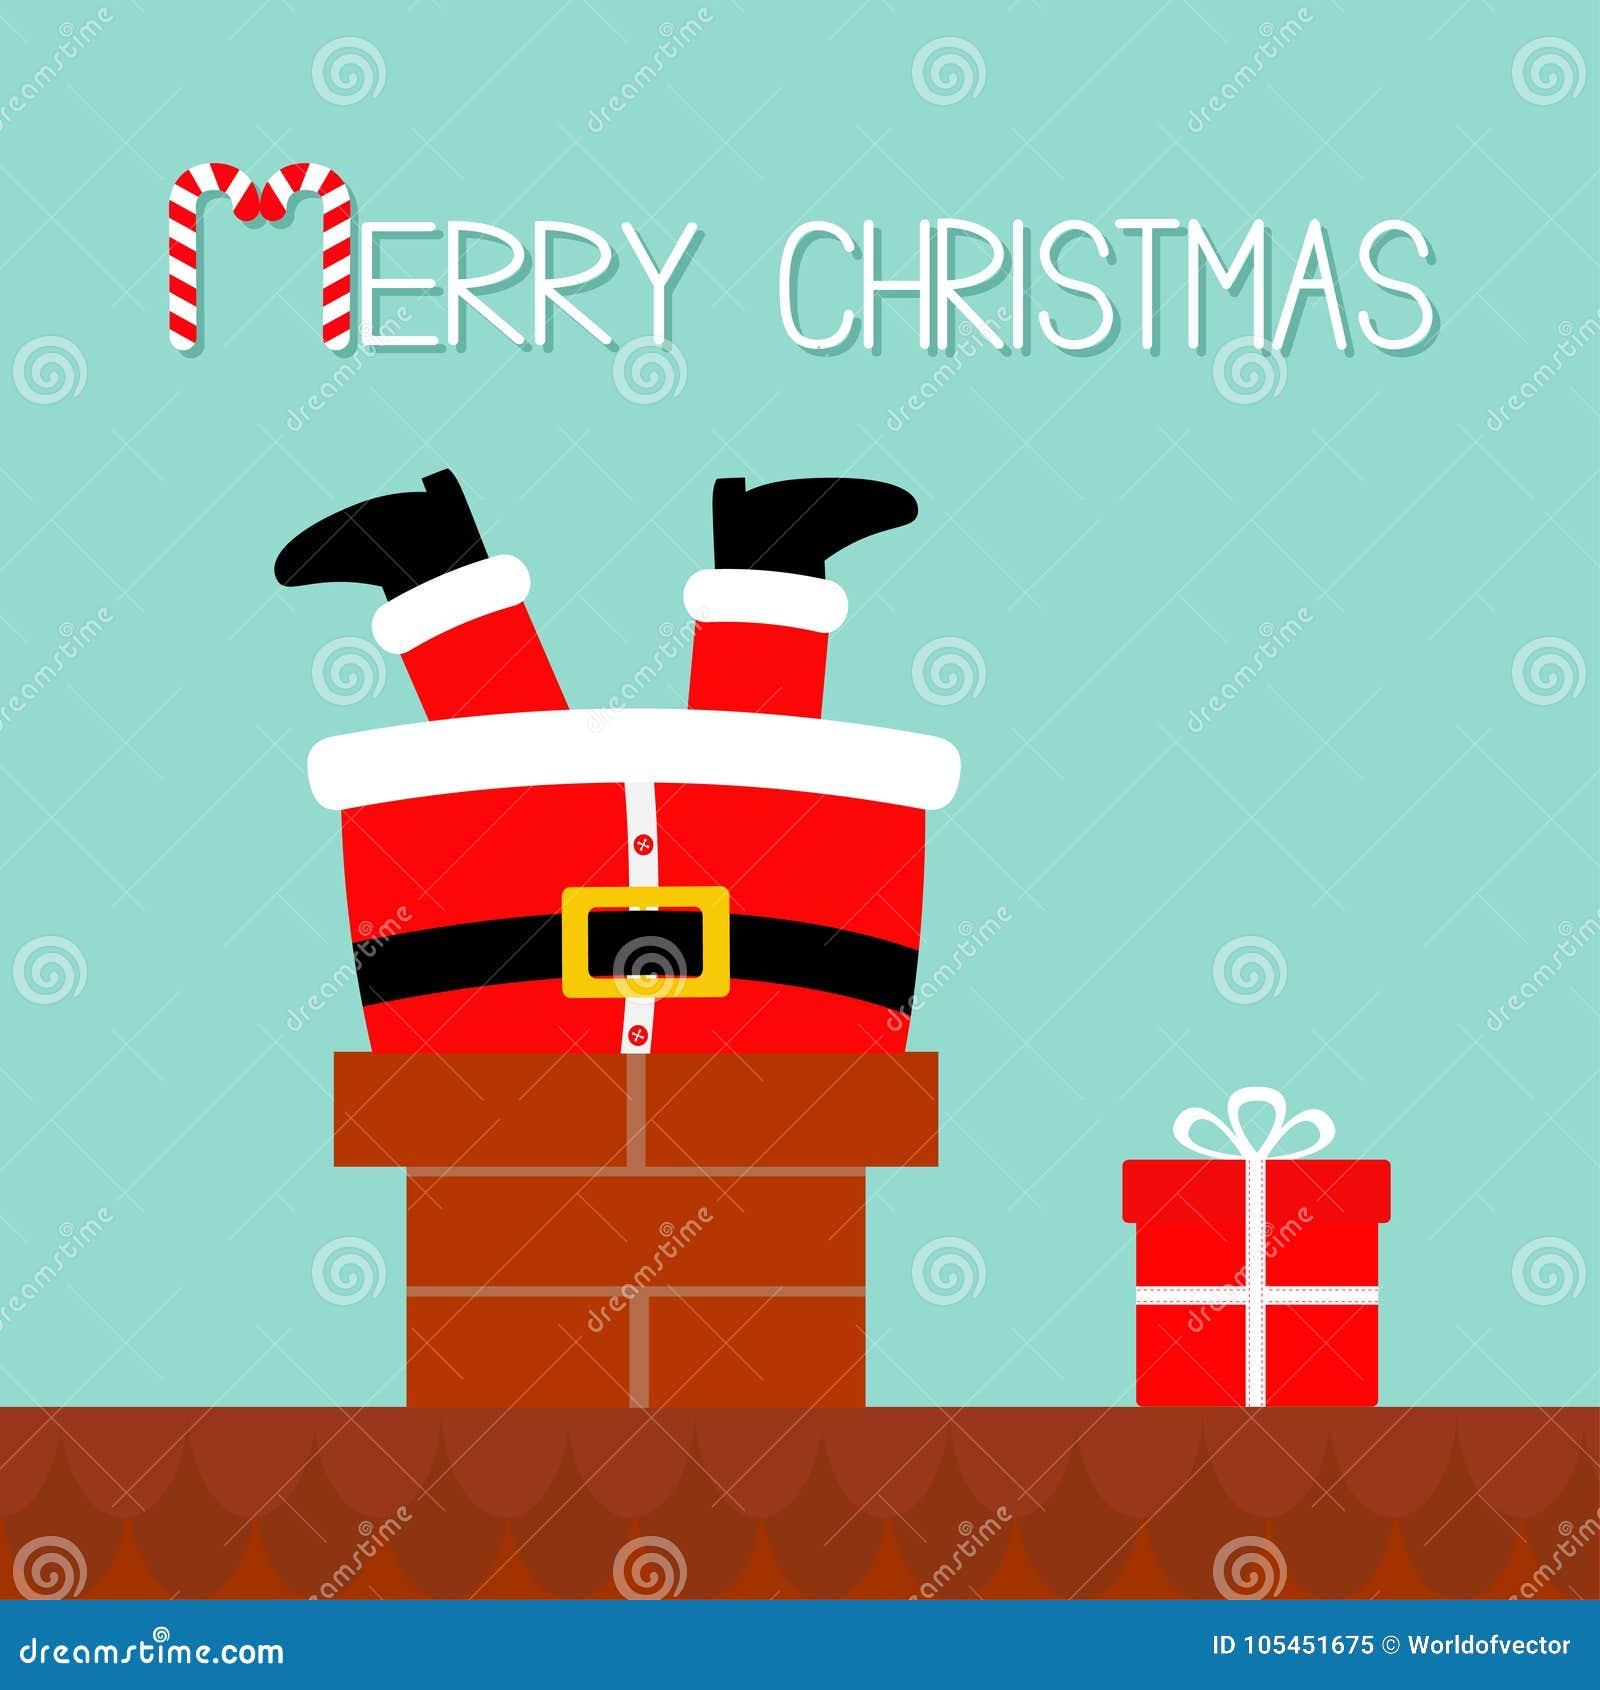 Santa Claus Stuck Chimney Stock Illustrations 285 Santa